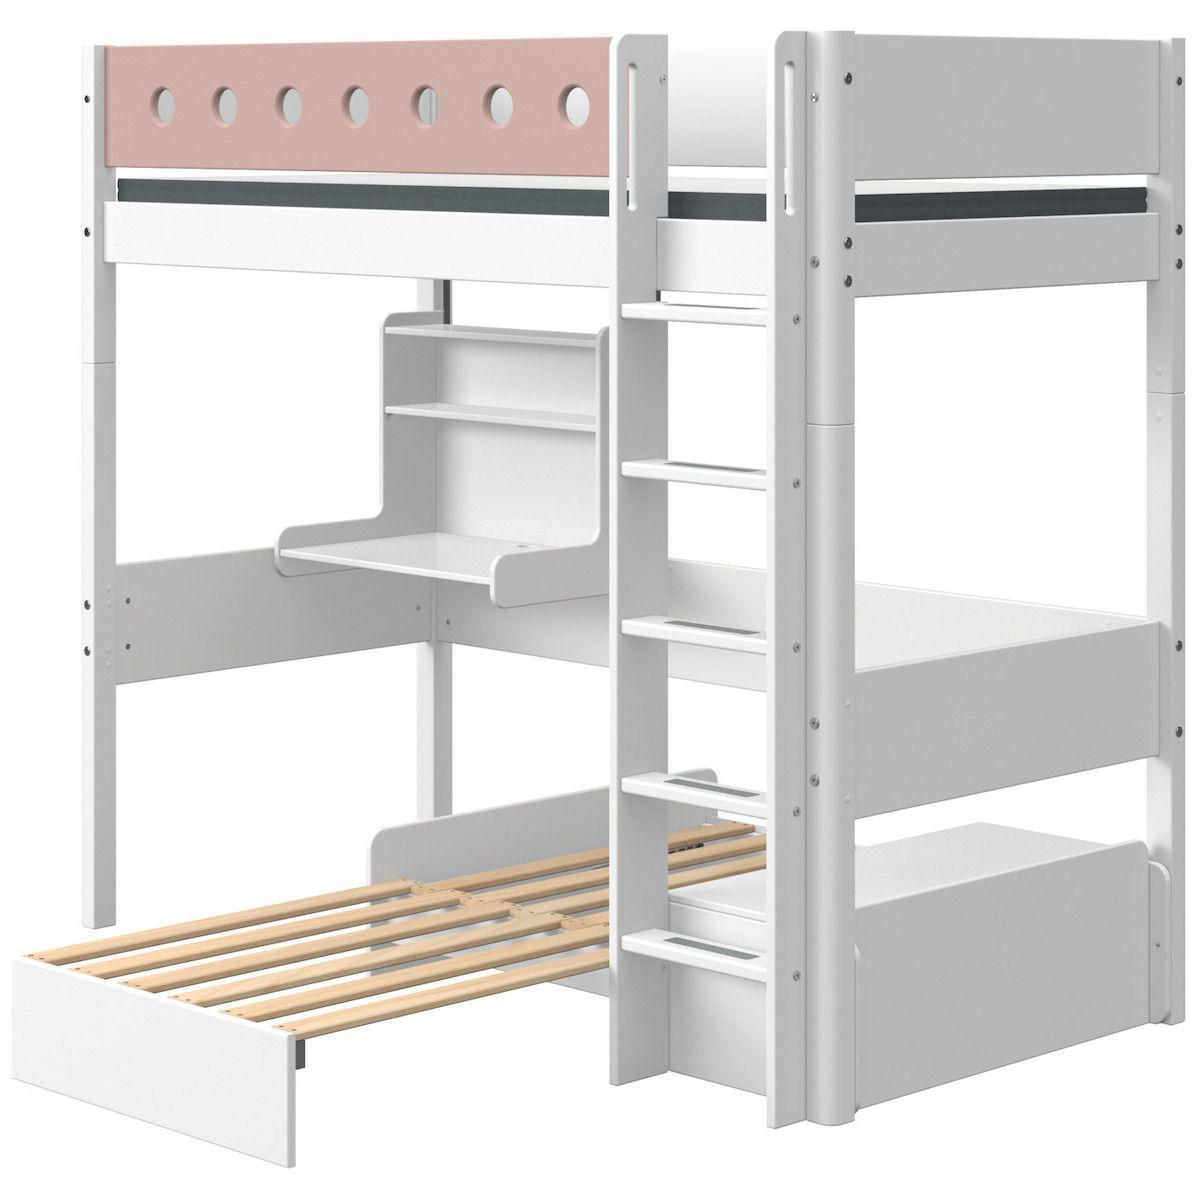 Cama alta 90x190cm escalera recta-módulo casa-escritorio clic WHITE Flexa blanco-rosa claro